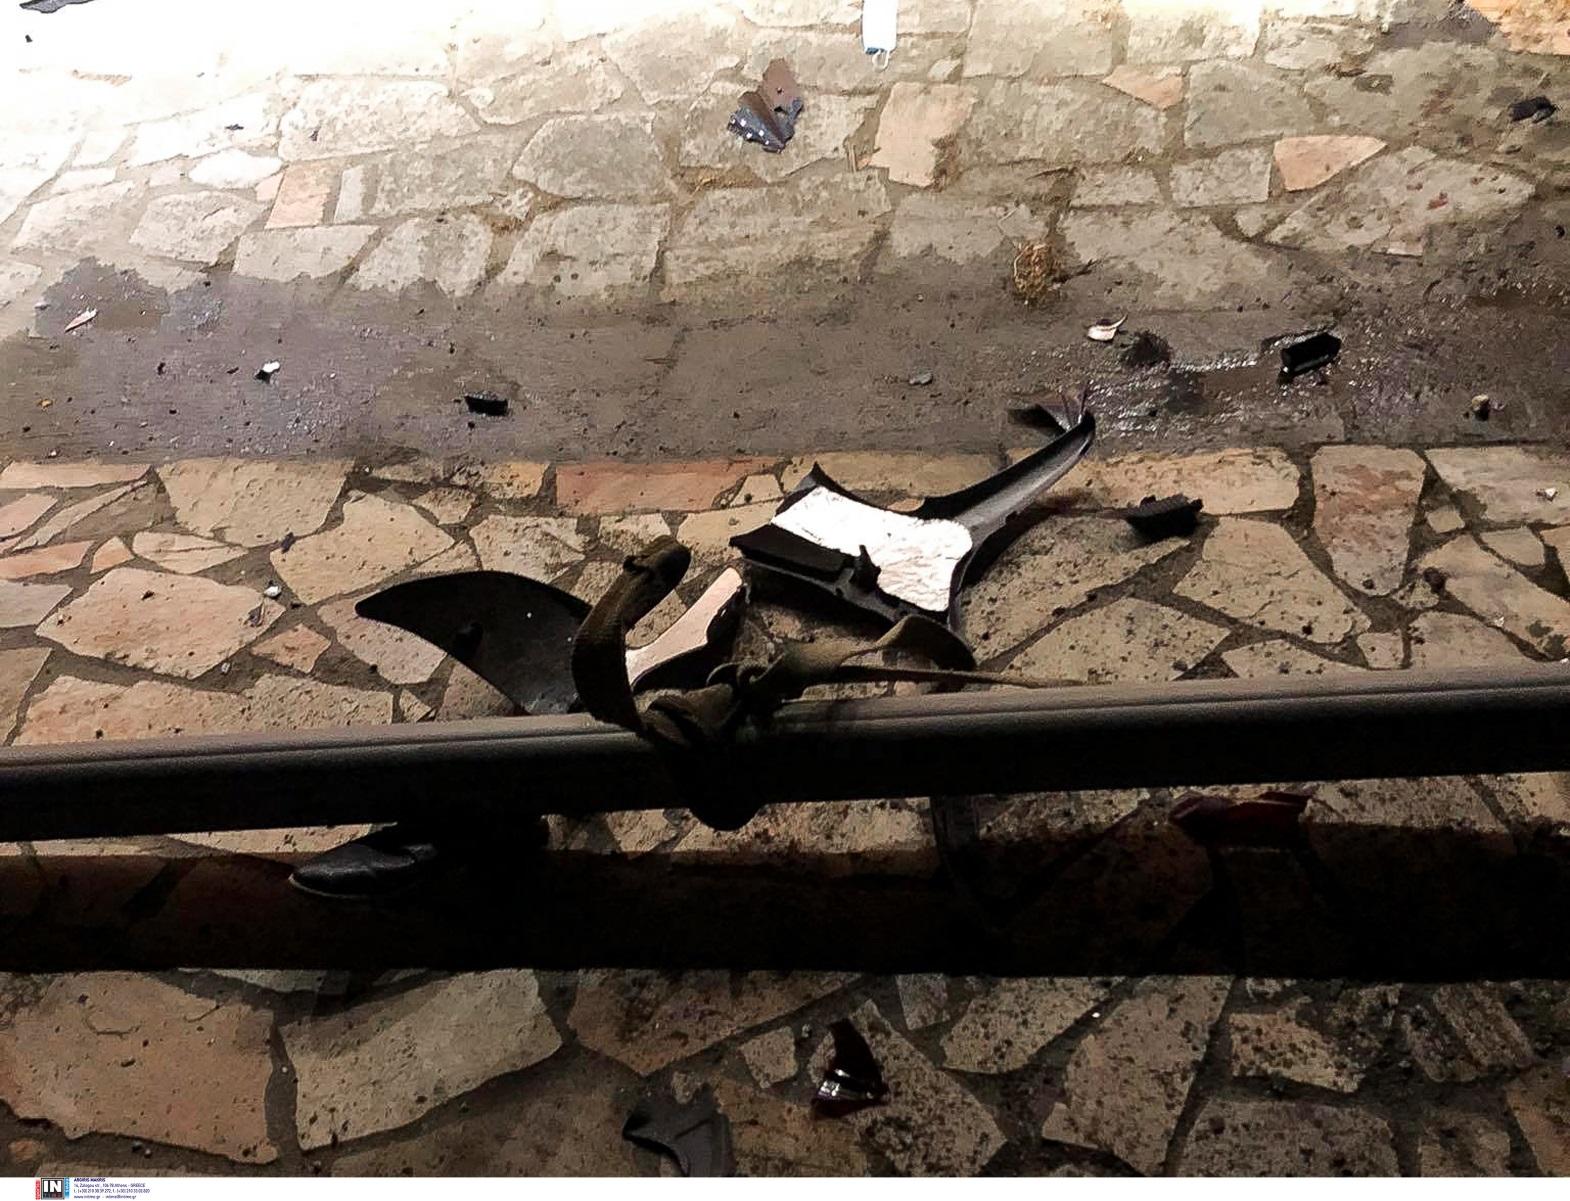 Θεσσαλονίκη: Ένας νεκρός και δύο τραυματίες σε σύγκρουση μοτοσικλετών